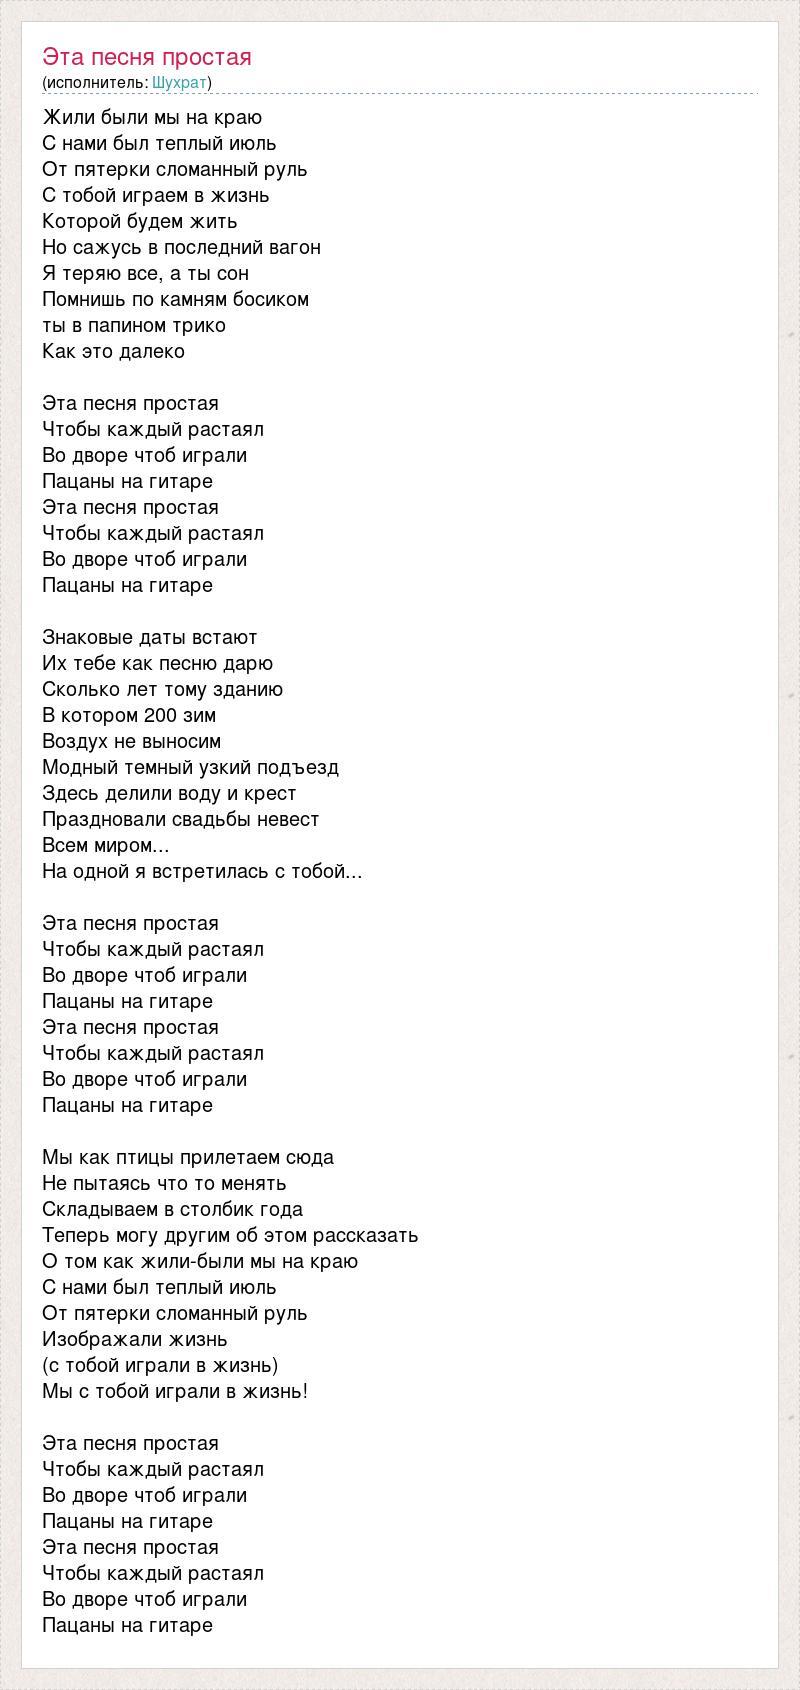 Жанры песен: список с описанием и примеры :: syl.ru